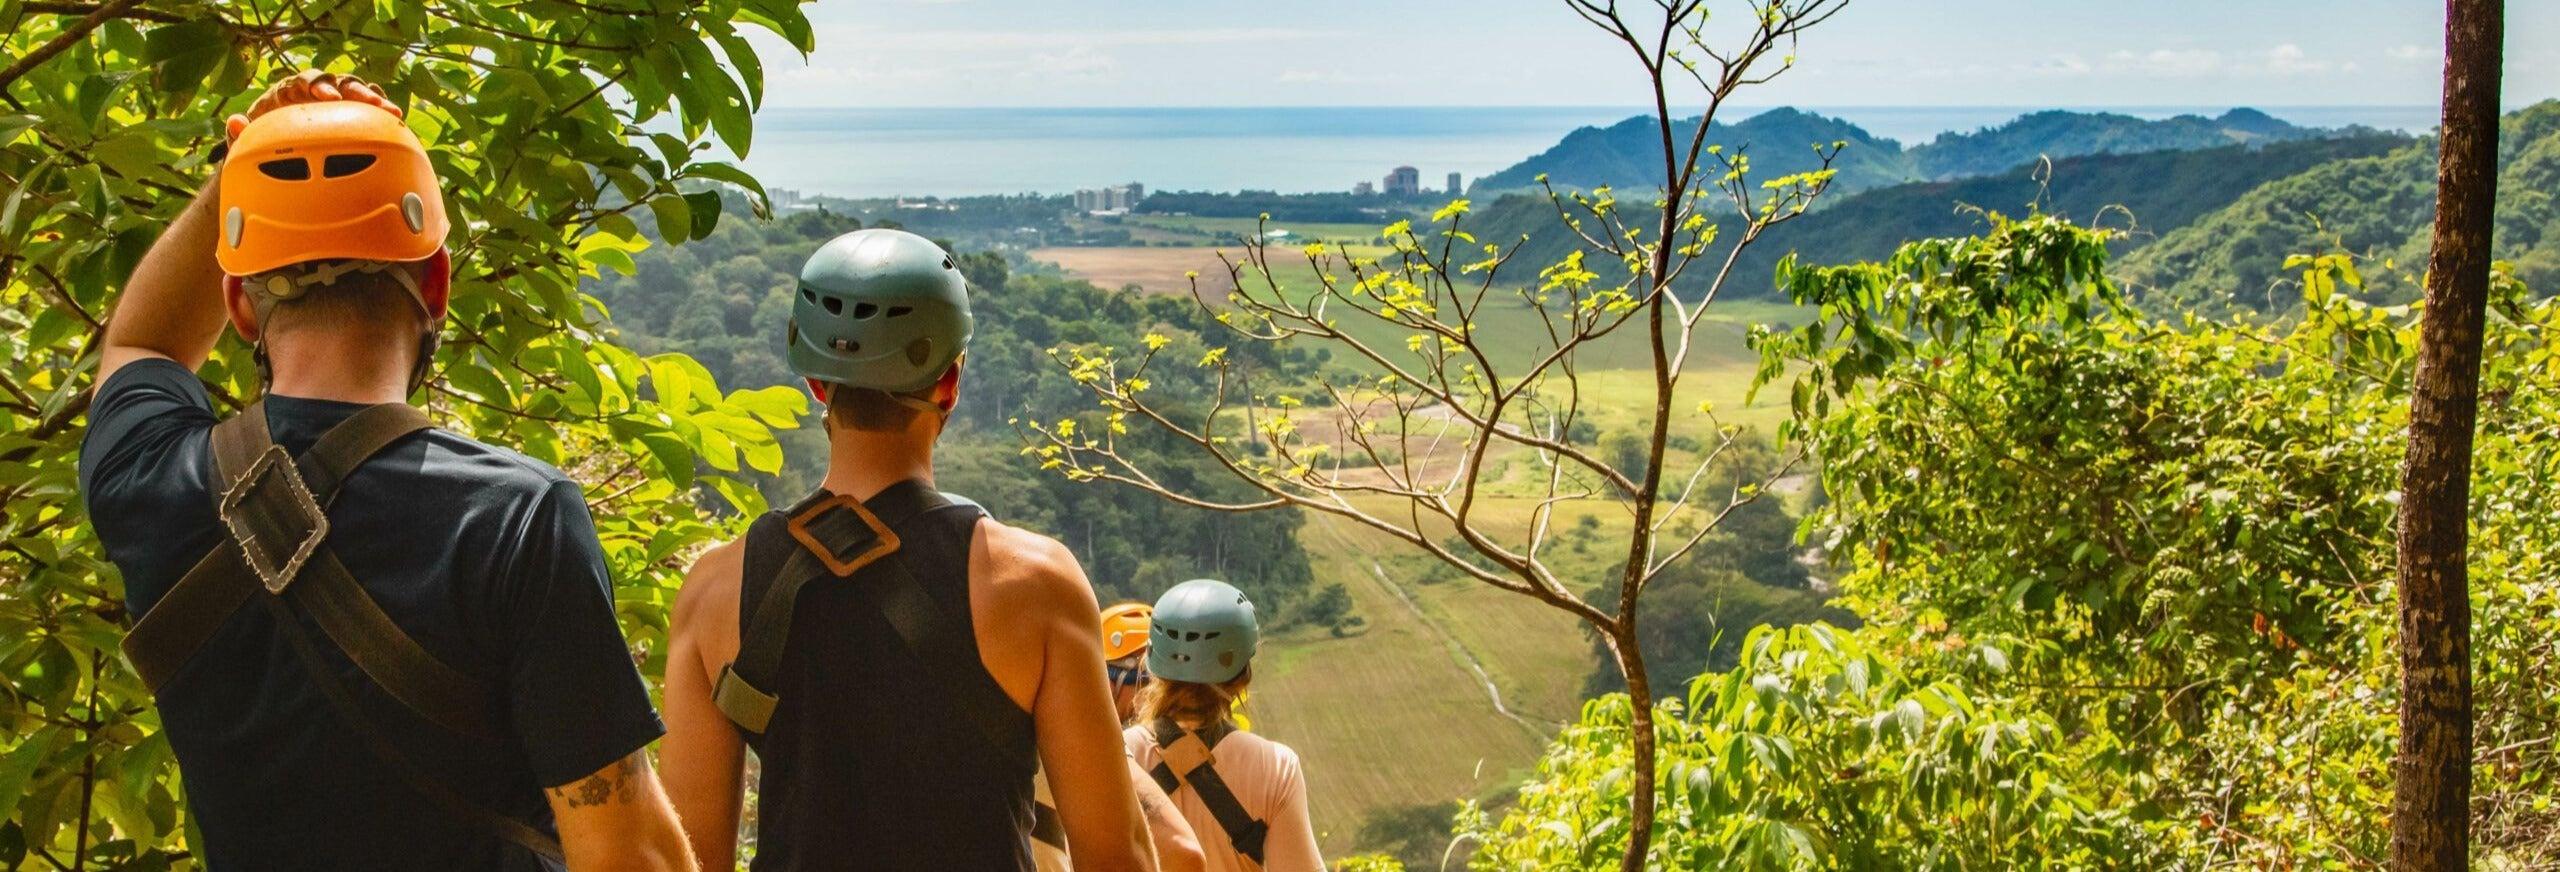 Biglietti per il parco Rainforest Pacific